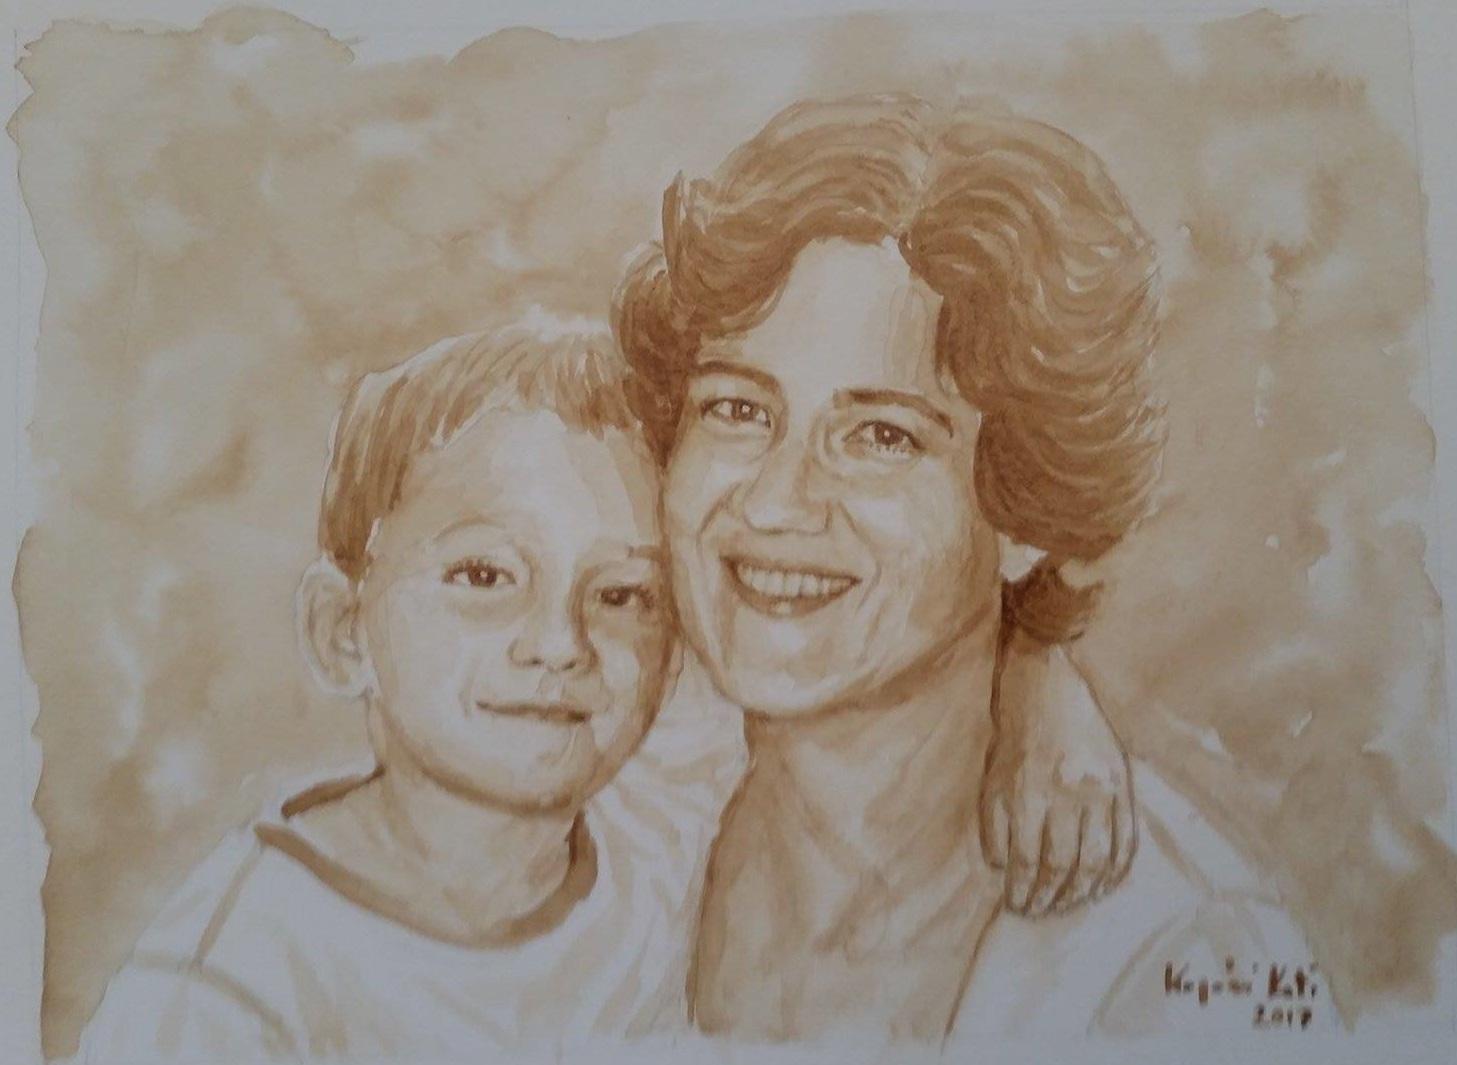 anyai szív, anya gyermekkel,kávéöröm, http://katacafe.hu/ , Kajáriné K.V. Katalin, kávéfestmény, coffeeart, coffeelove, ganodermás kávé, szívbarátkávé, egészségeskávé, wellnesskávé,